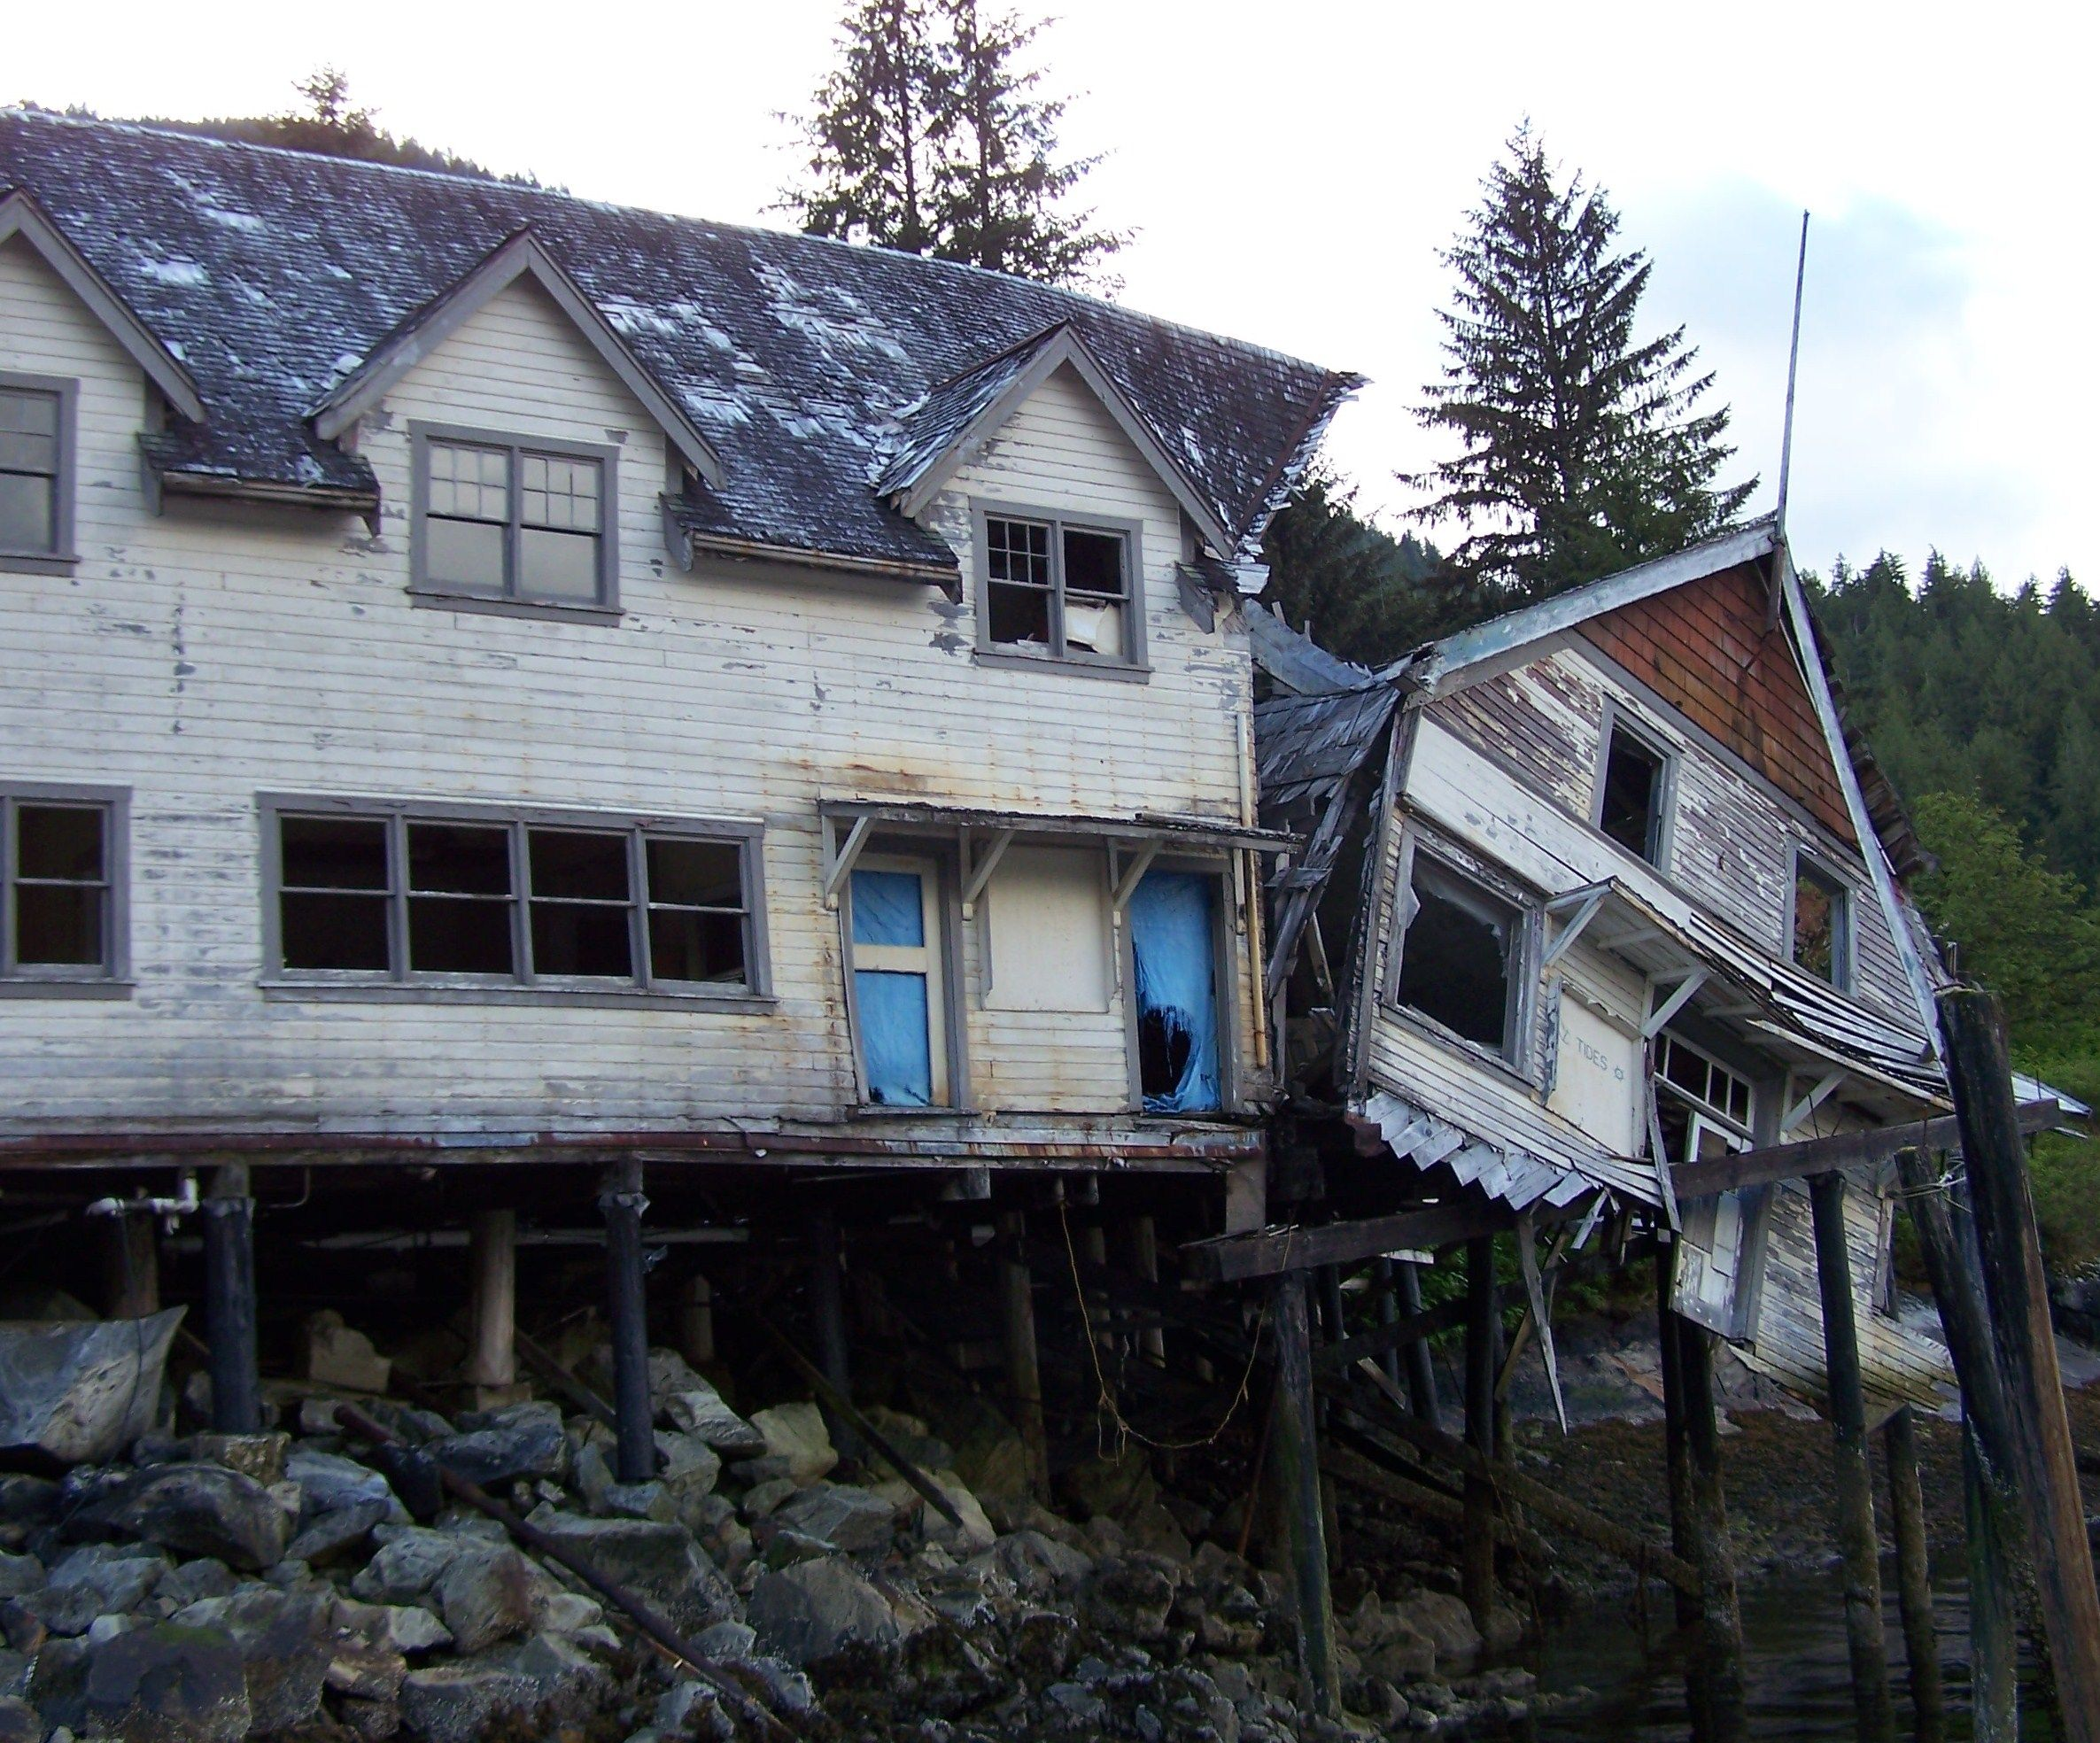 Abandon house at butedale princess royal island bc canada